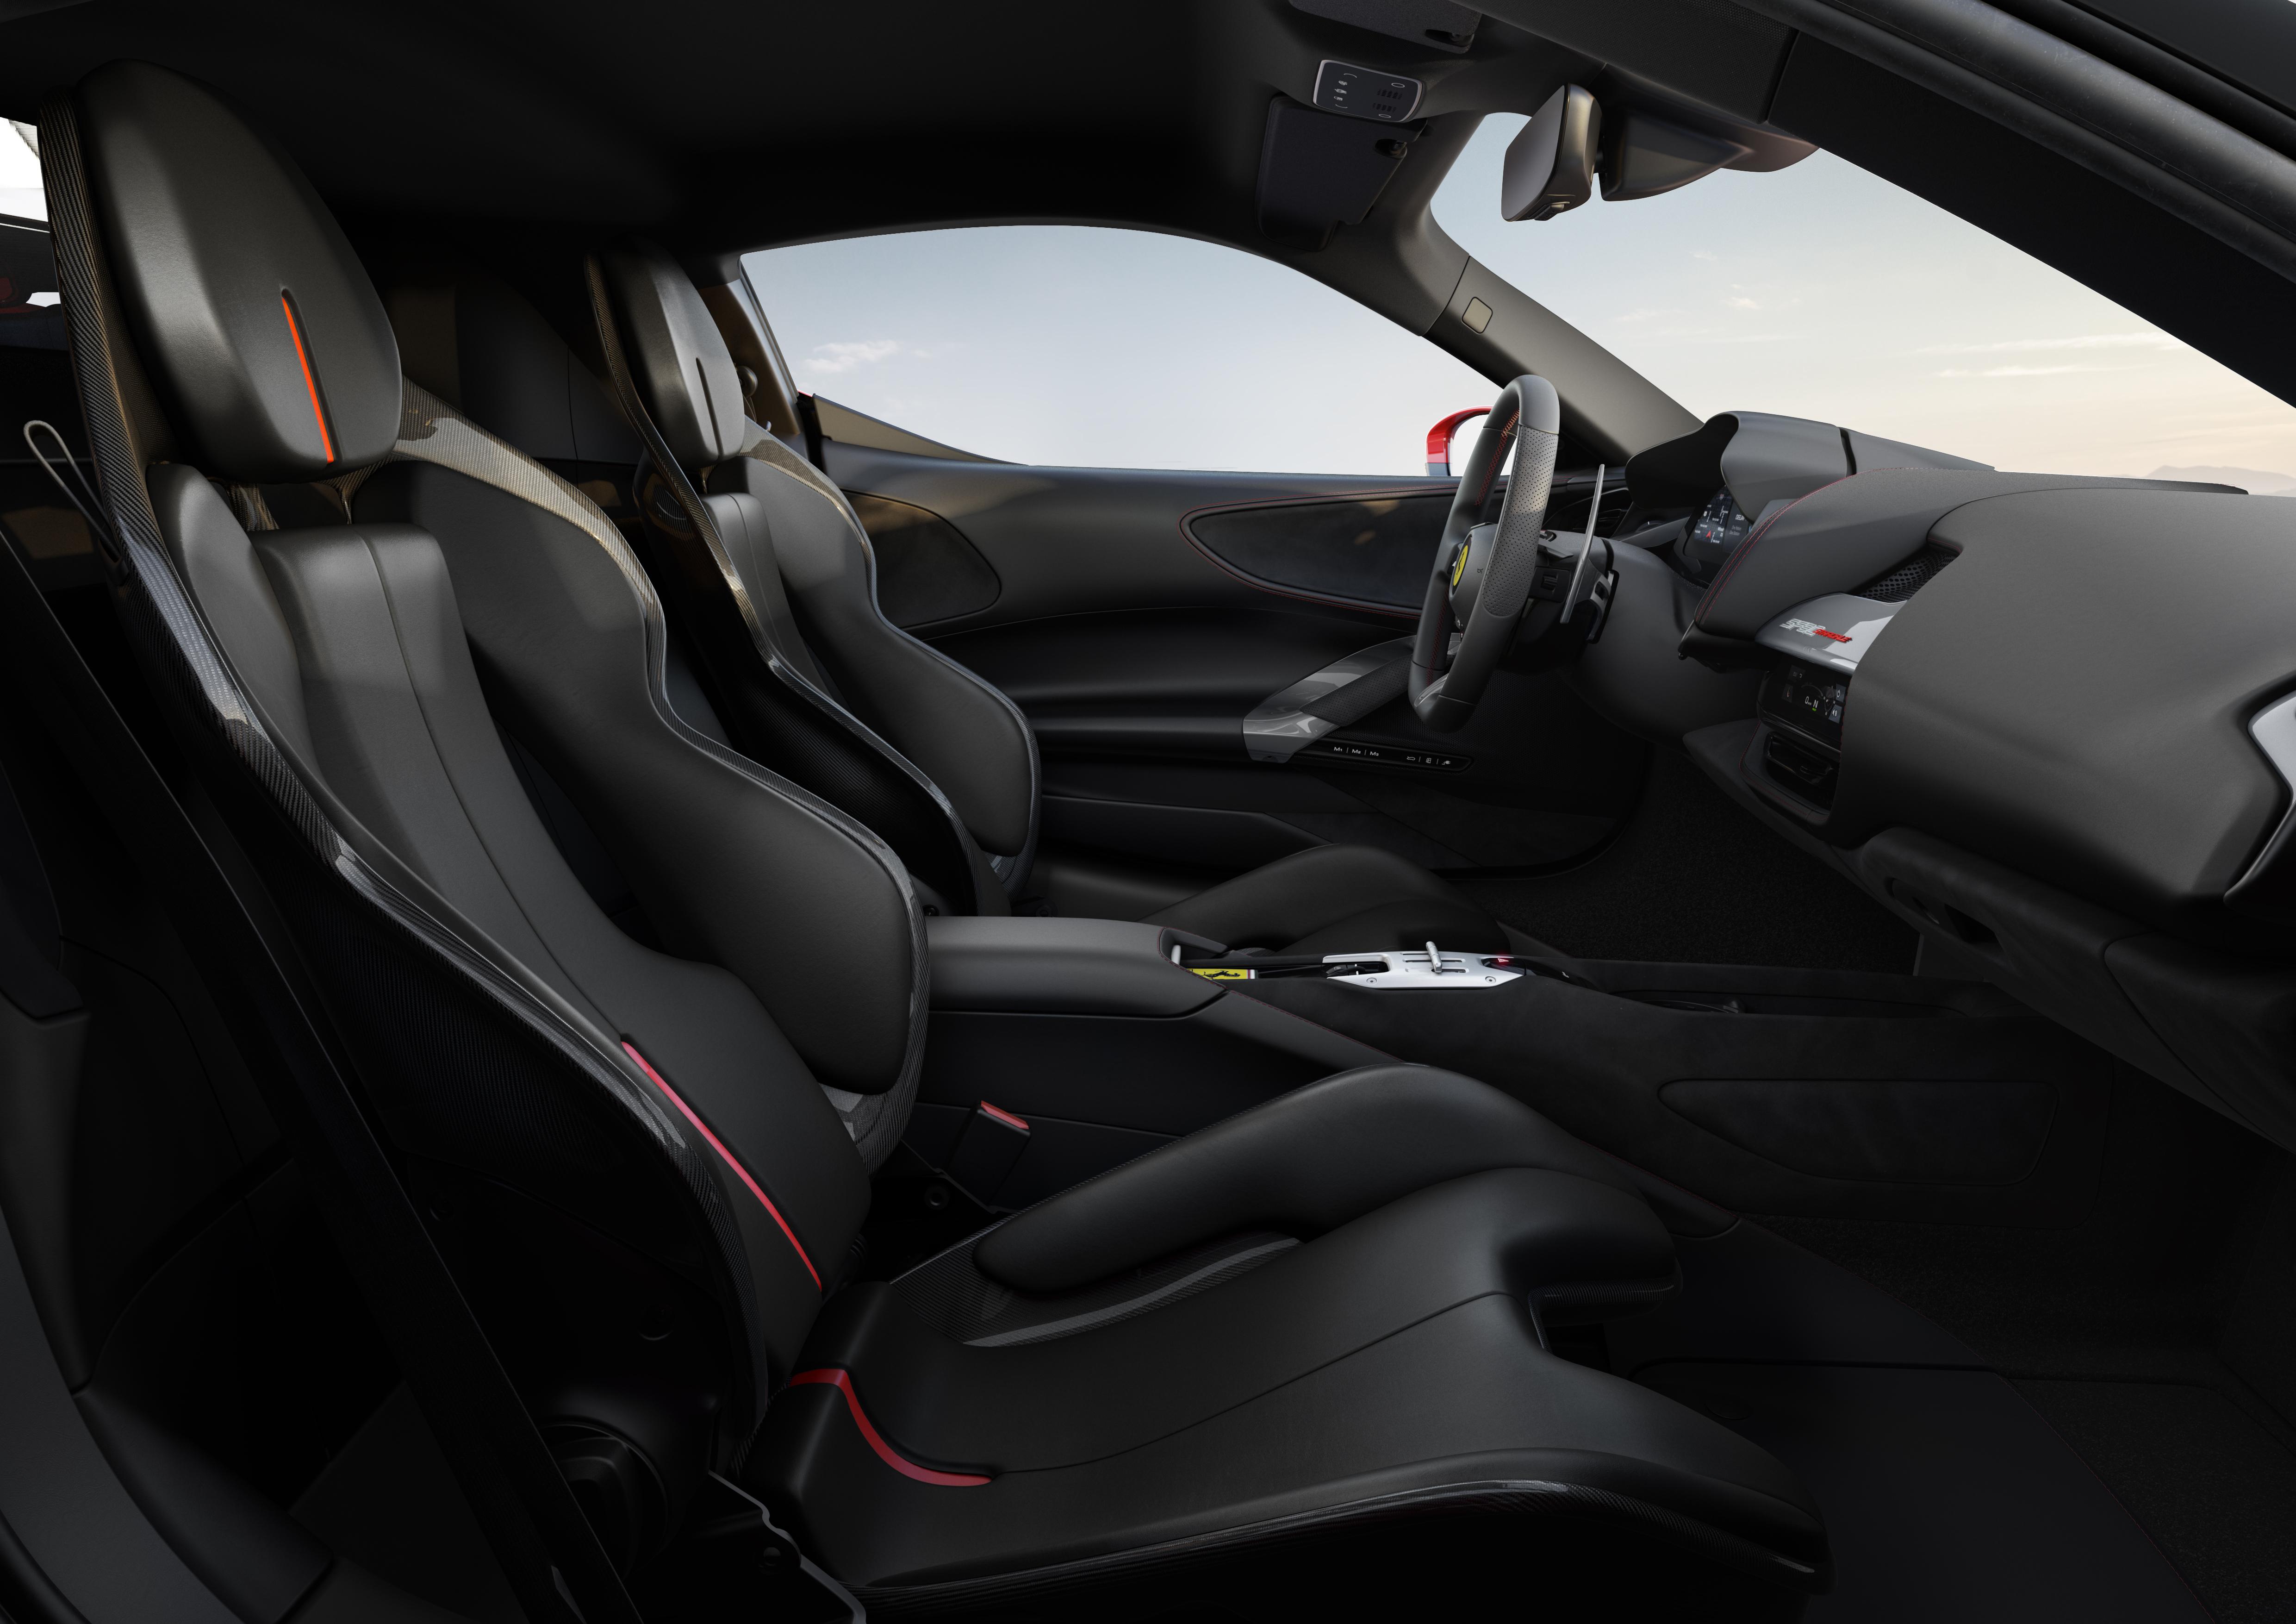 Ferrari SF90 Stradale seat detail